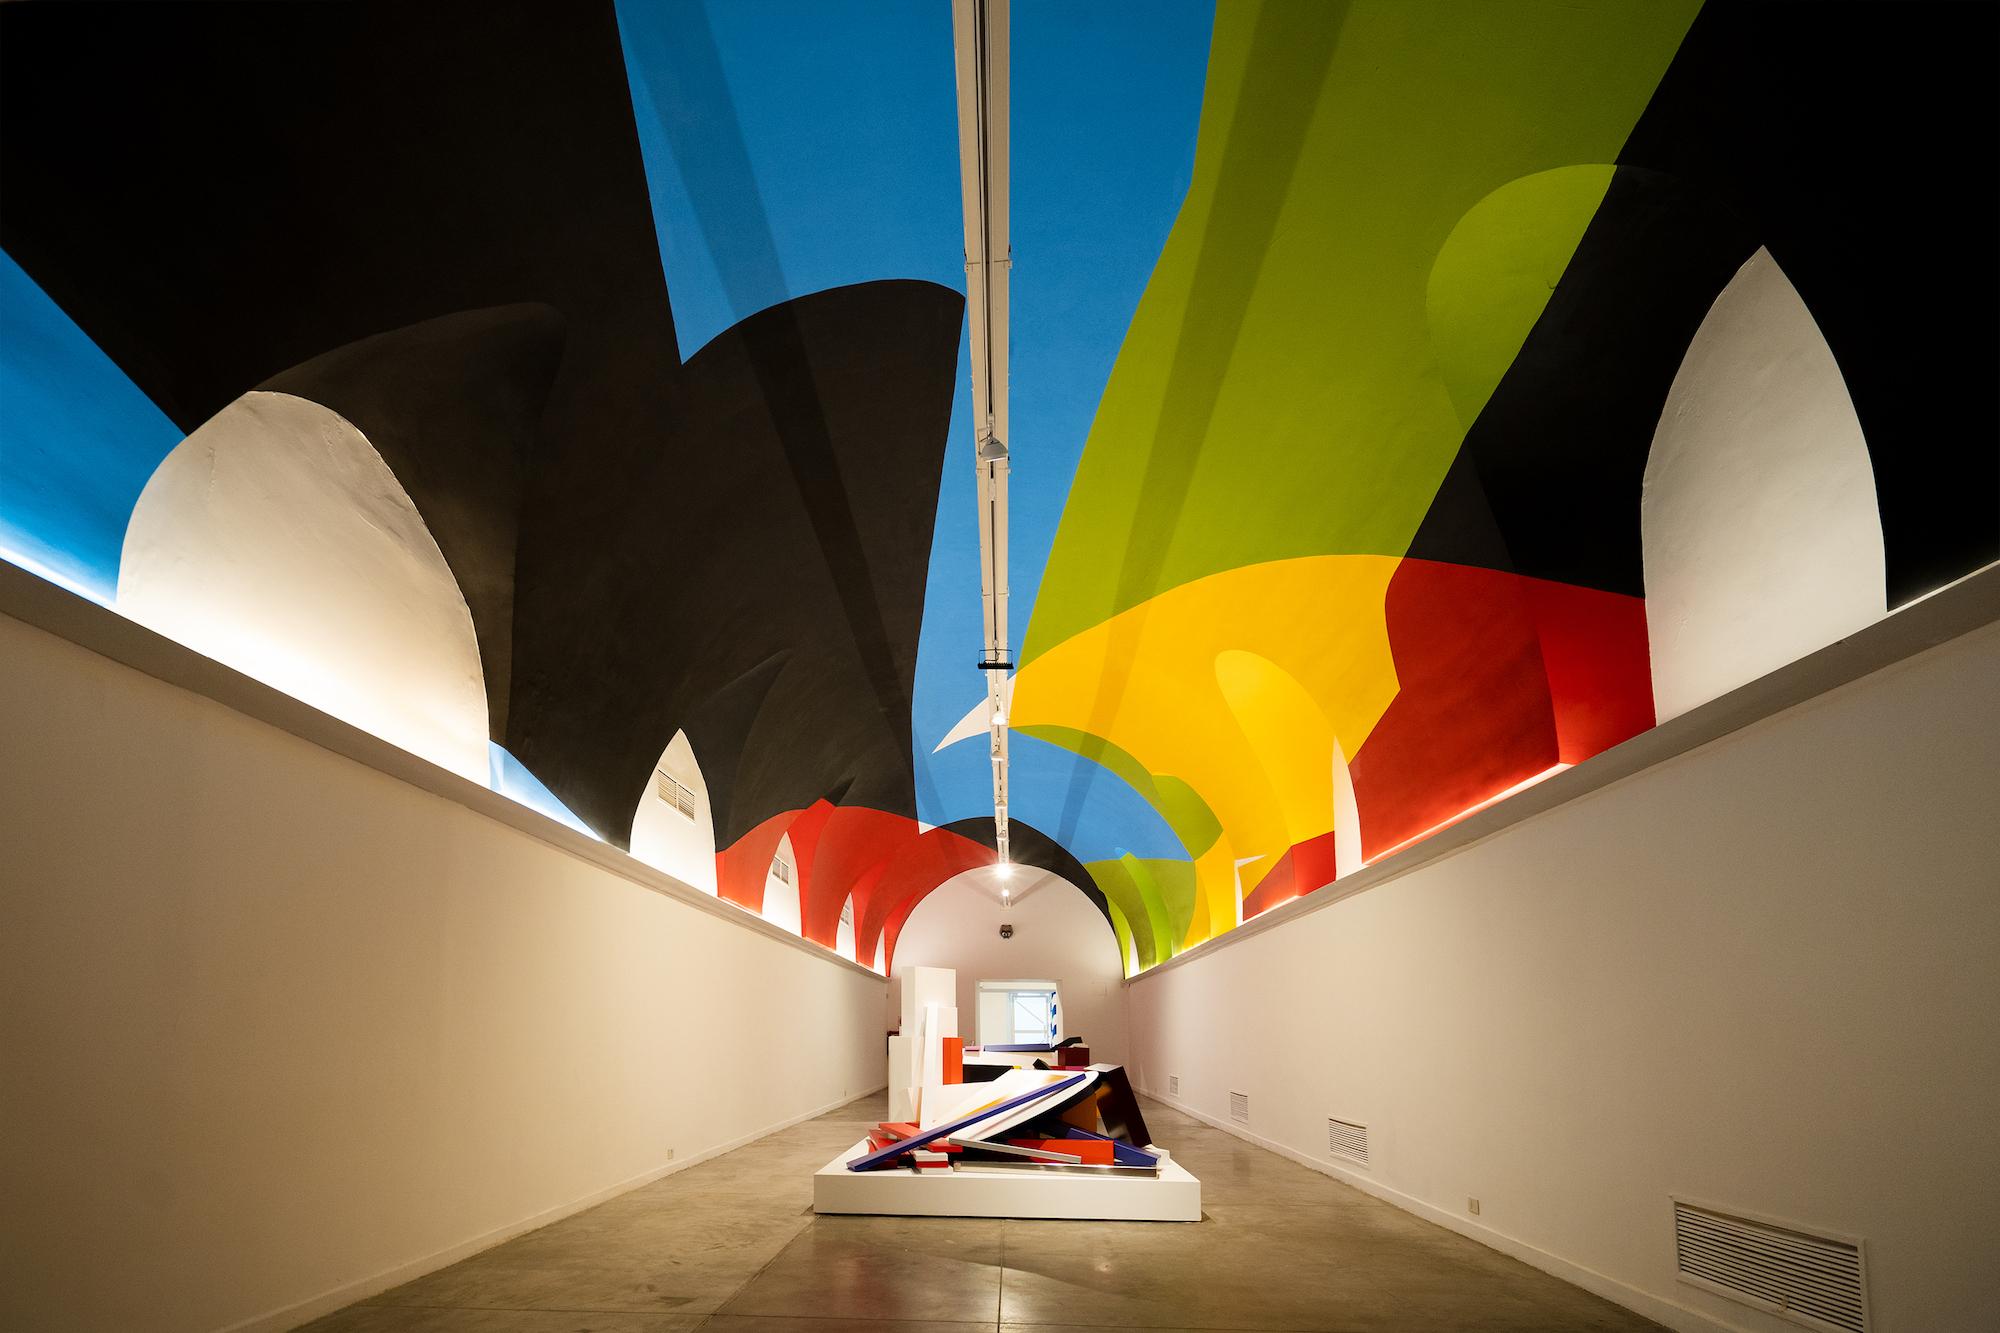 Novos trabalhos de Elian Chali na Argentina, EUA, e Taiwan Artes & contextos Centro Cultural Recoleta BsAs. Arg 5 LQ